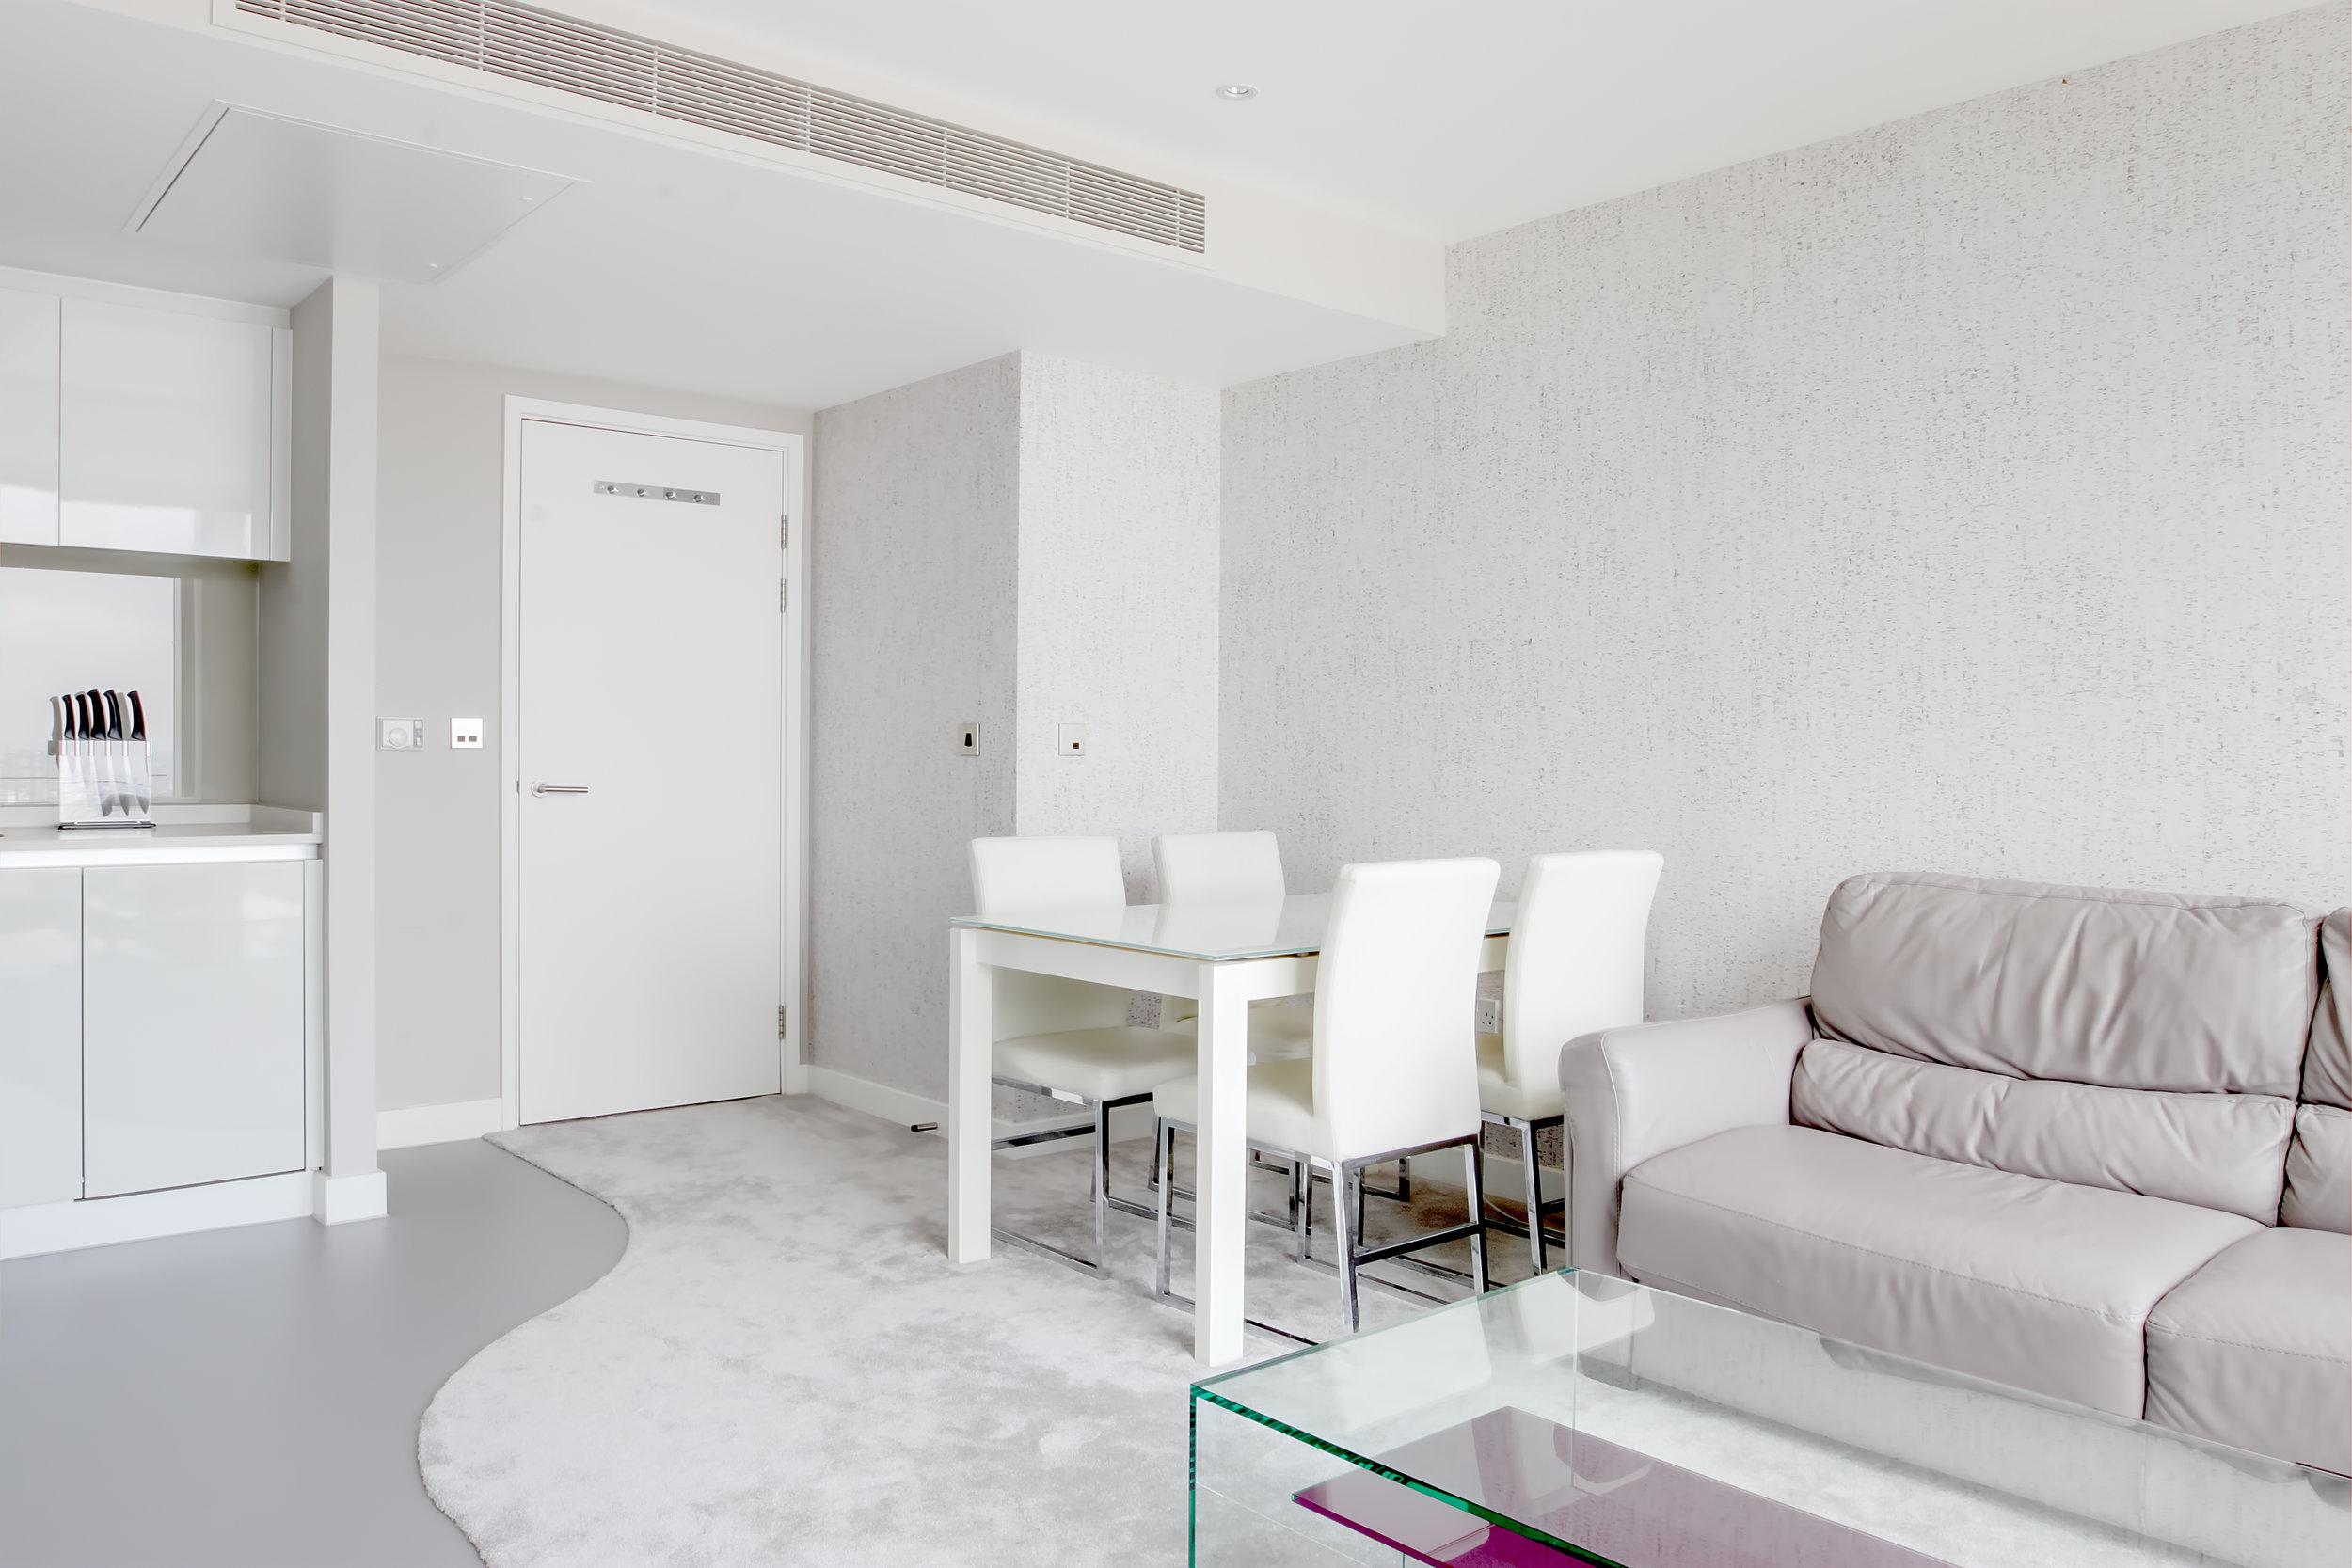 Theo+Tzia+-+Residential+Photography+Portfolio+2017+-+Interior+_+Architectural(50).jpg